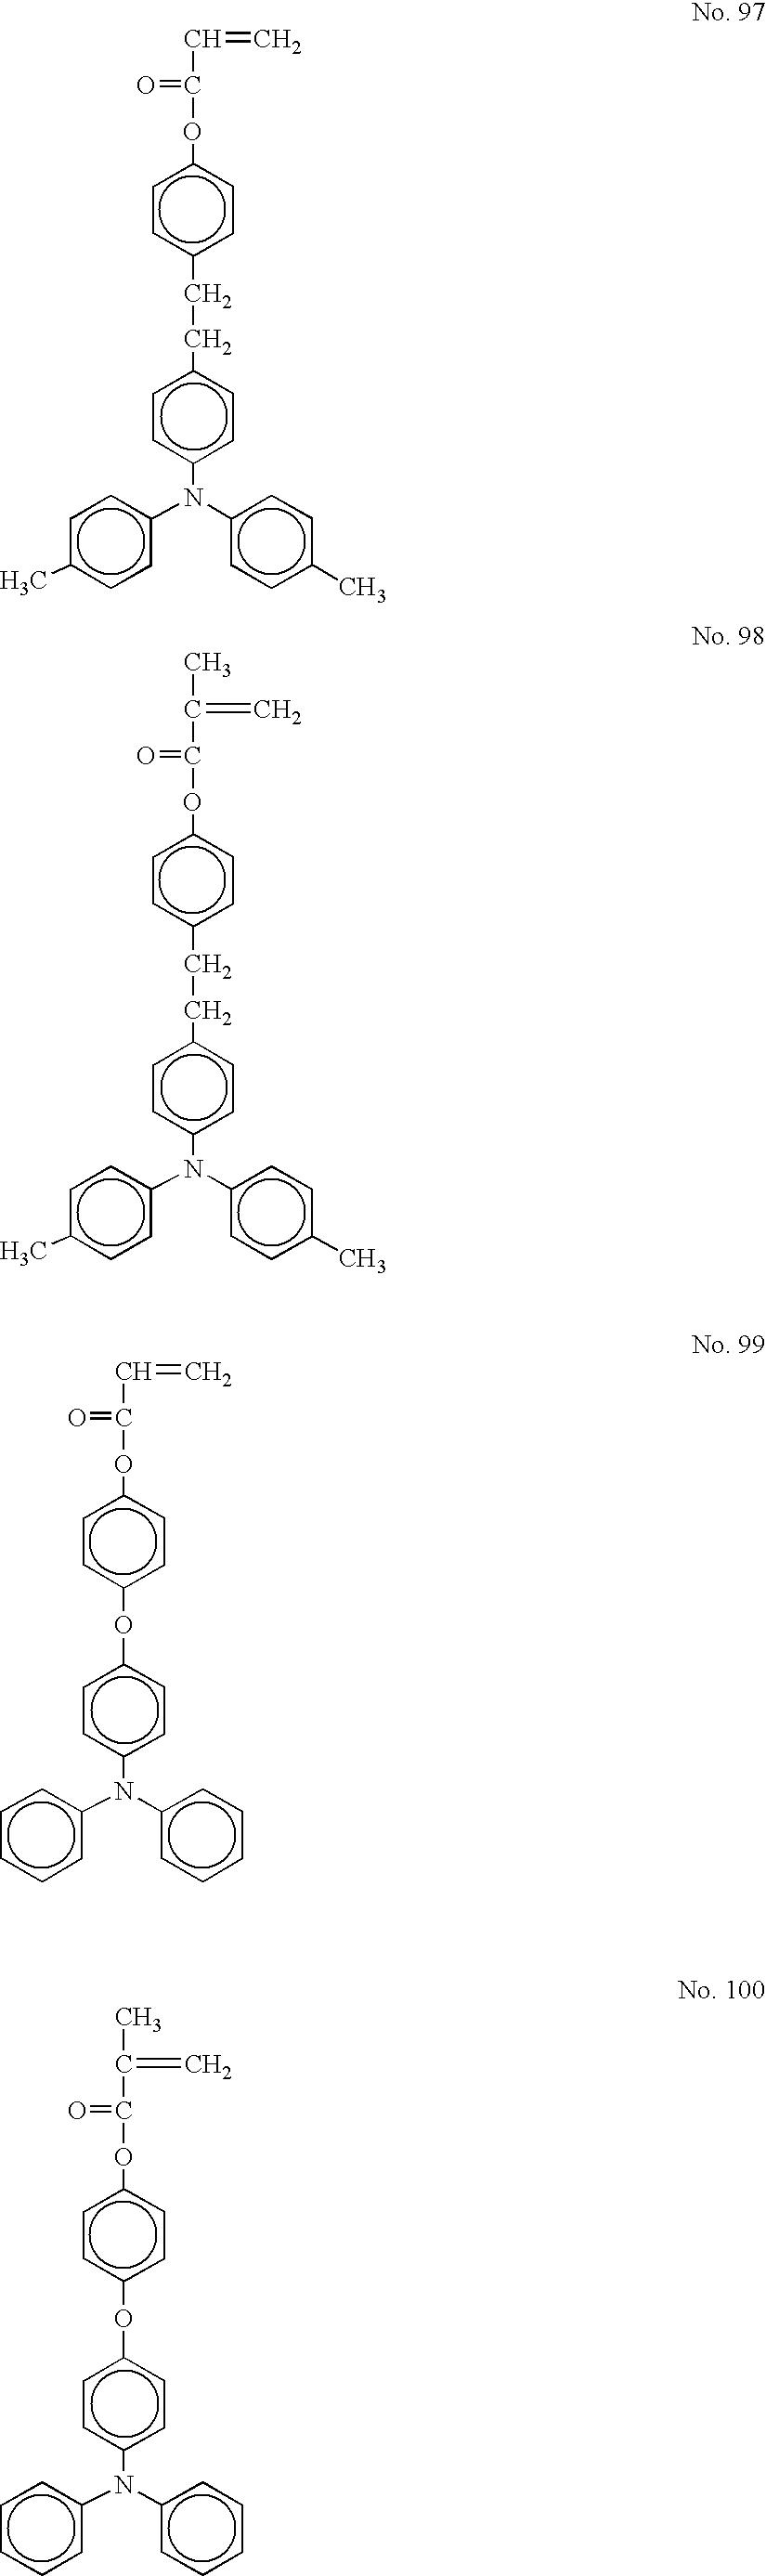 Figure US20070059619A1-20070315-C00035